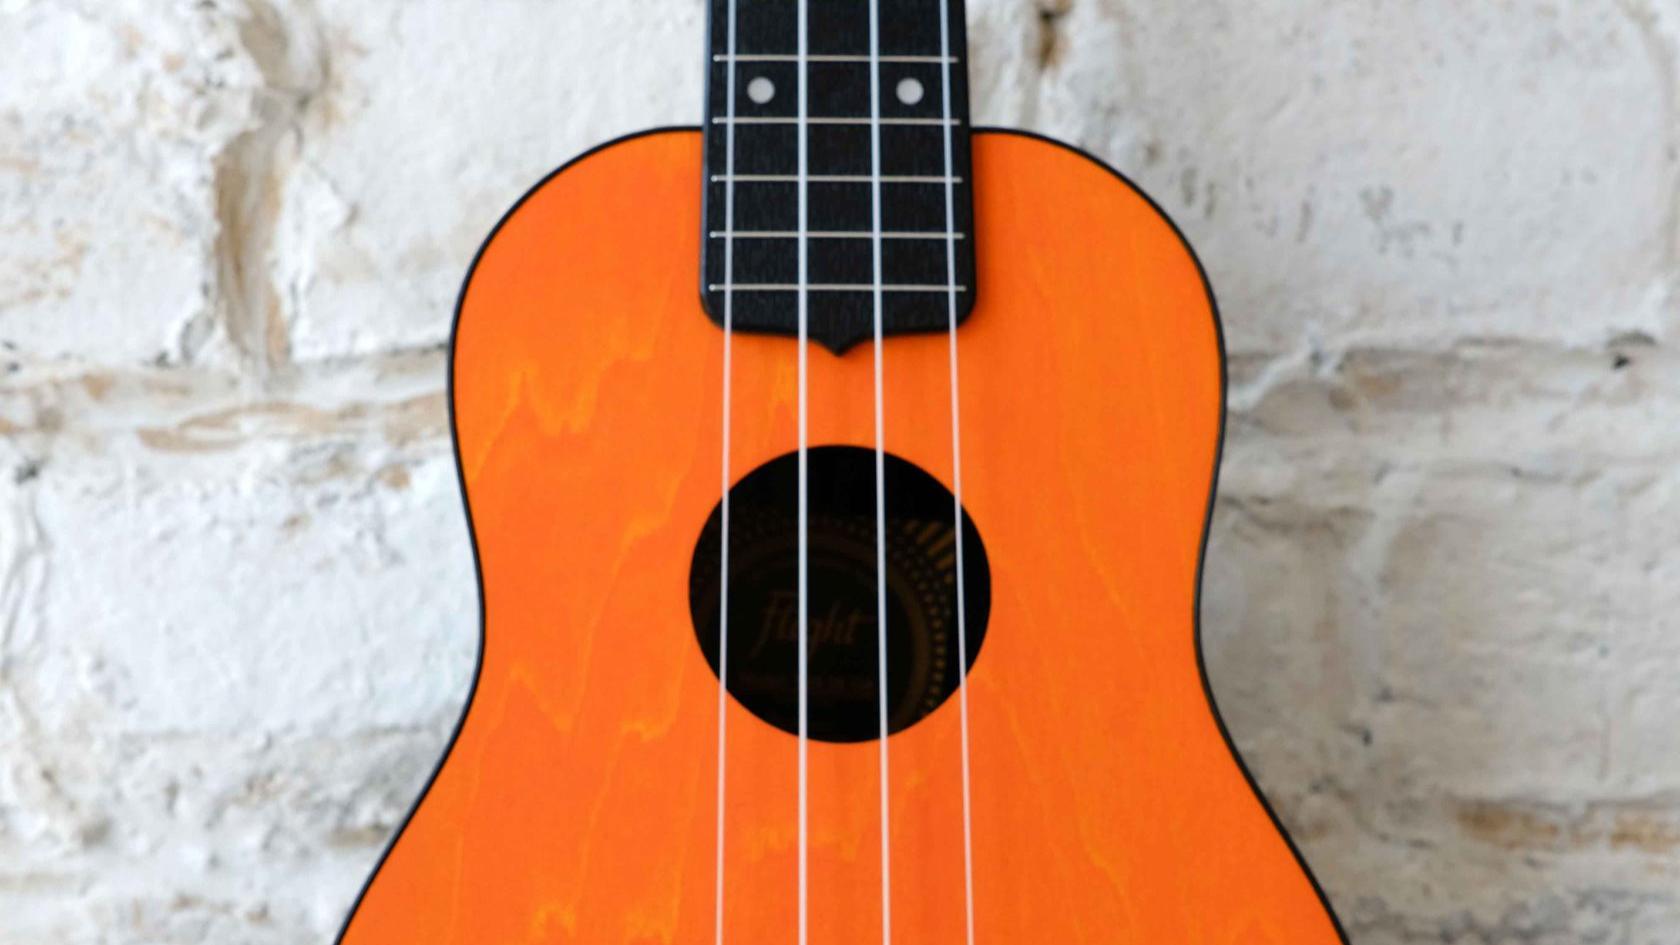 укулеле сопрано Flight с фирменным чехлом в комплекте в музыкальном магазине Ukelovers, ukulele soprano, укулела, укулеле для детей от 3 лет, travel ukulele, тревел укулеле